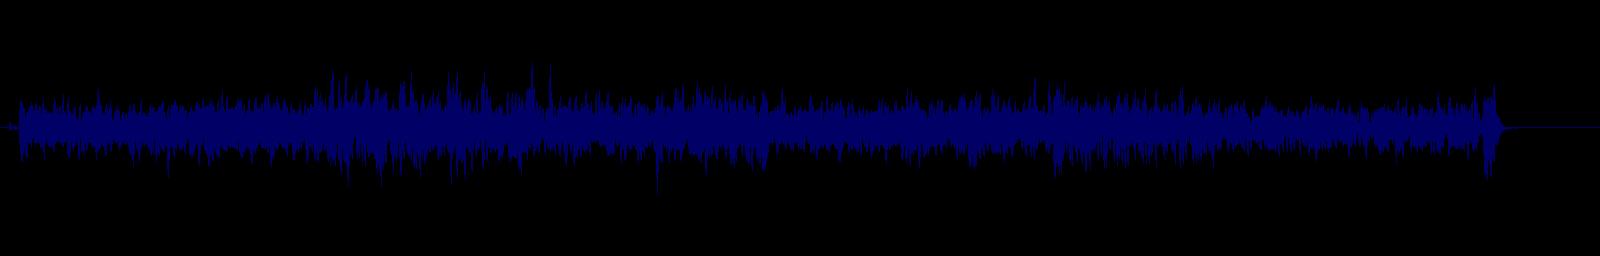 waveform of track #136216